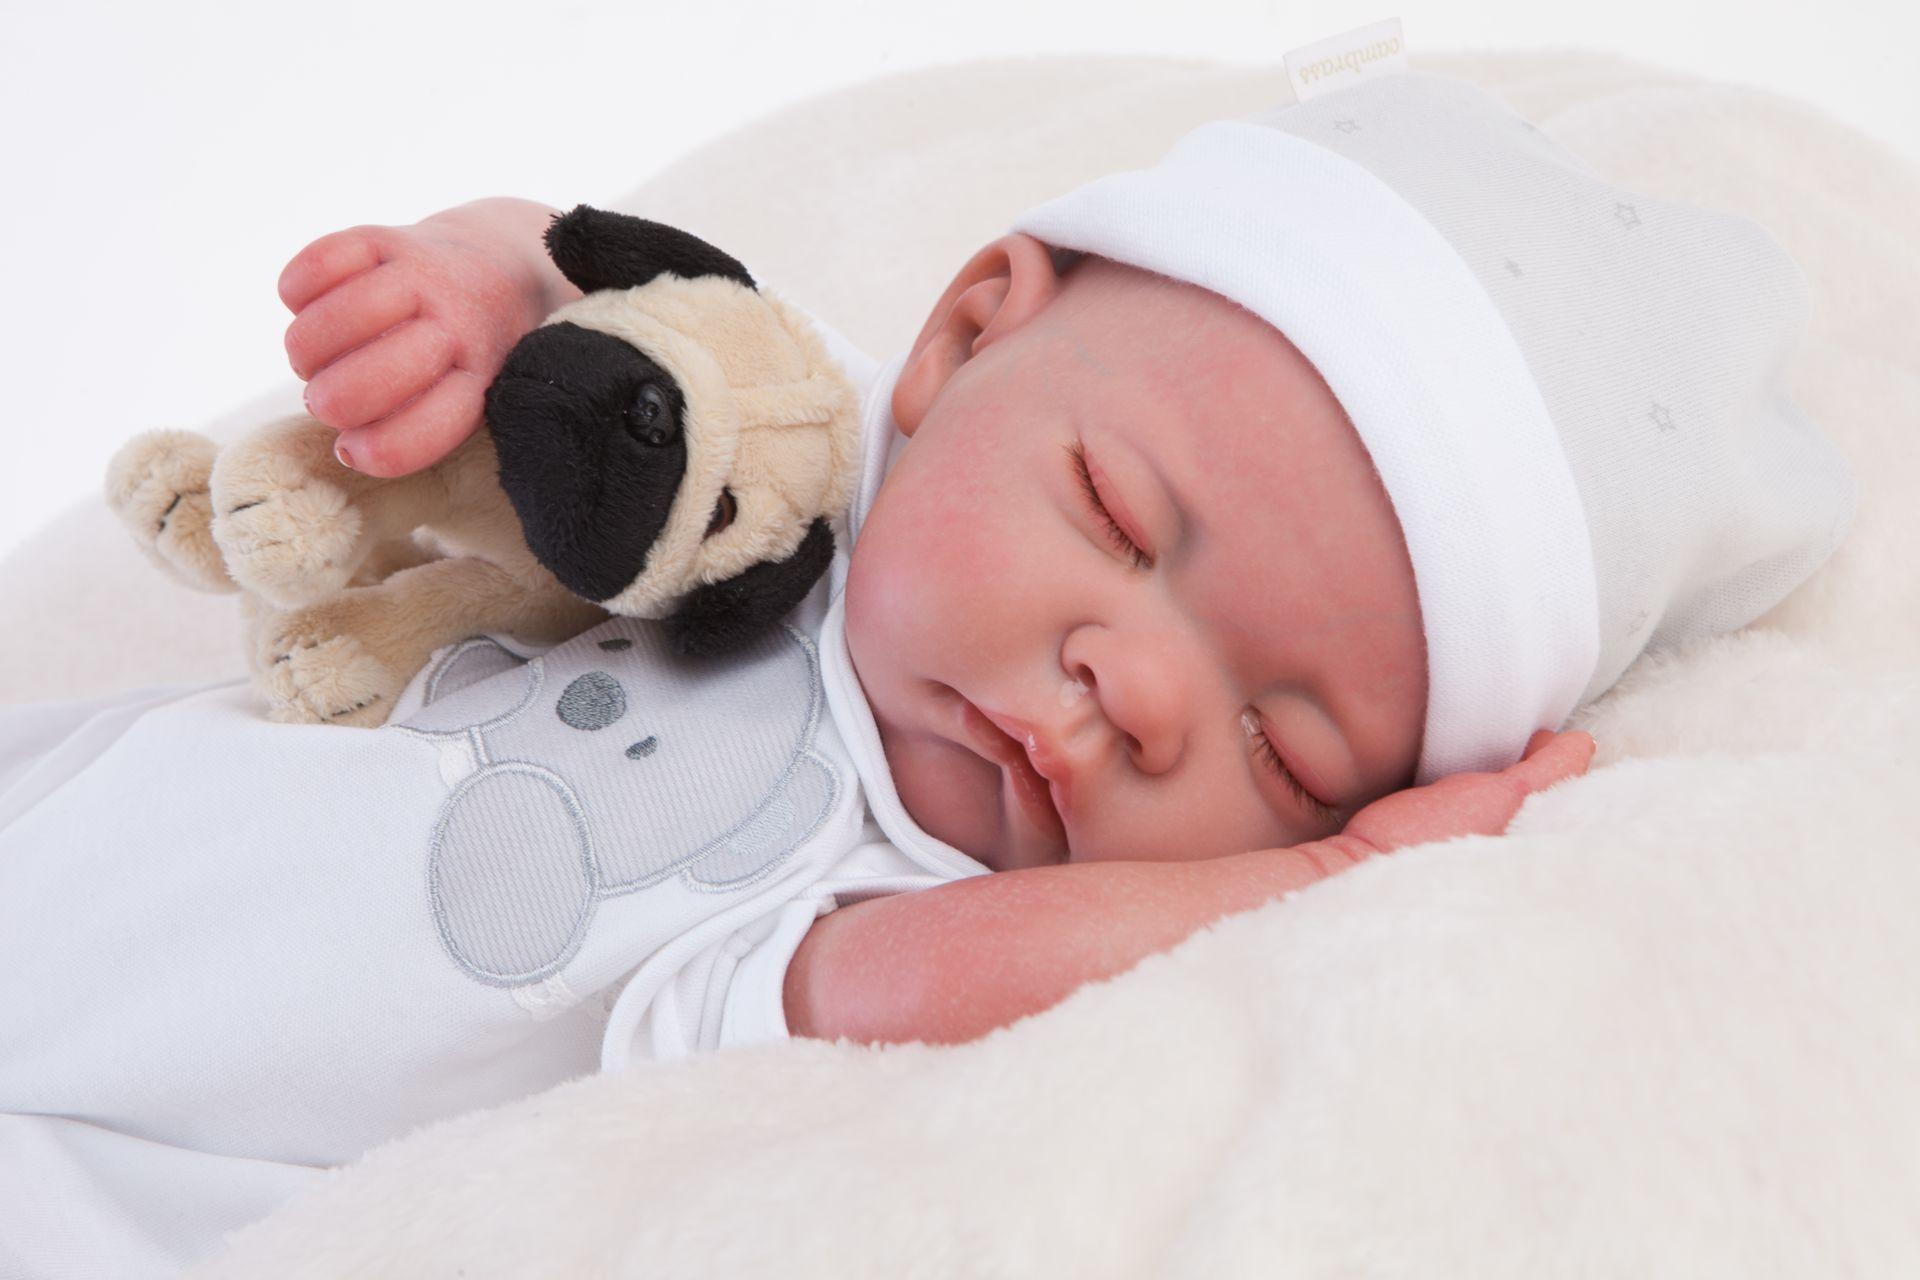 Кукла Реборн младенец Рамон, спящий, 40 см